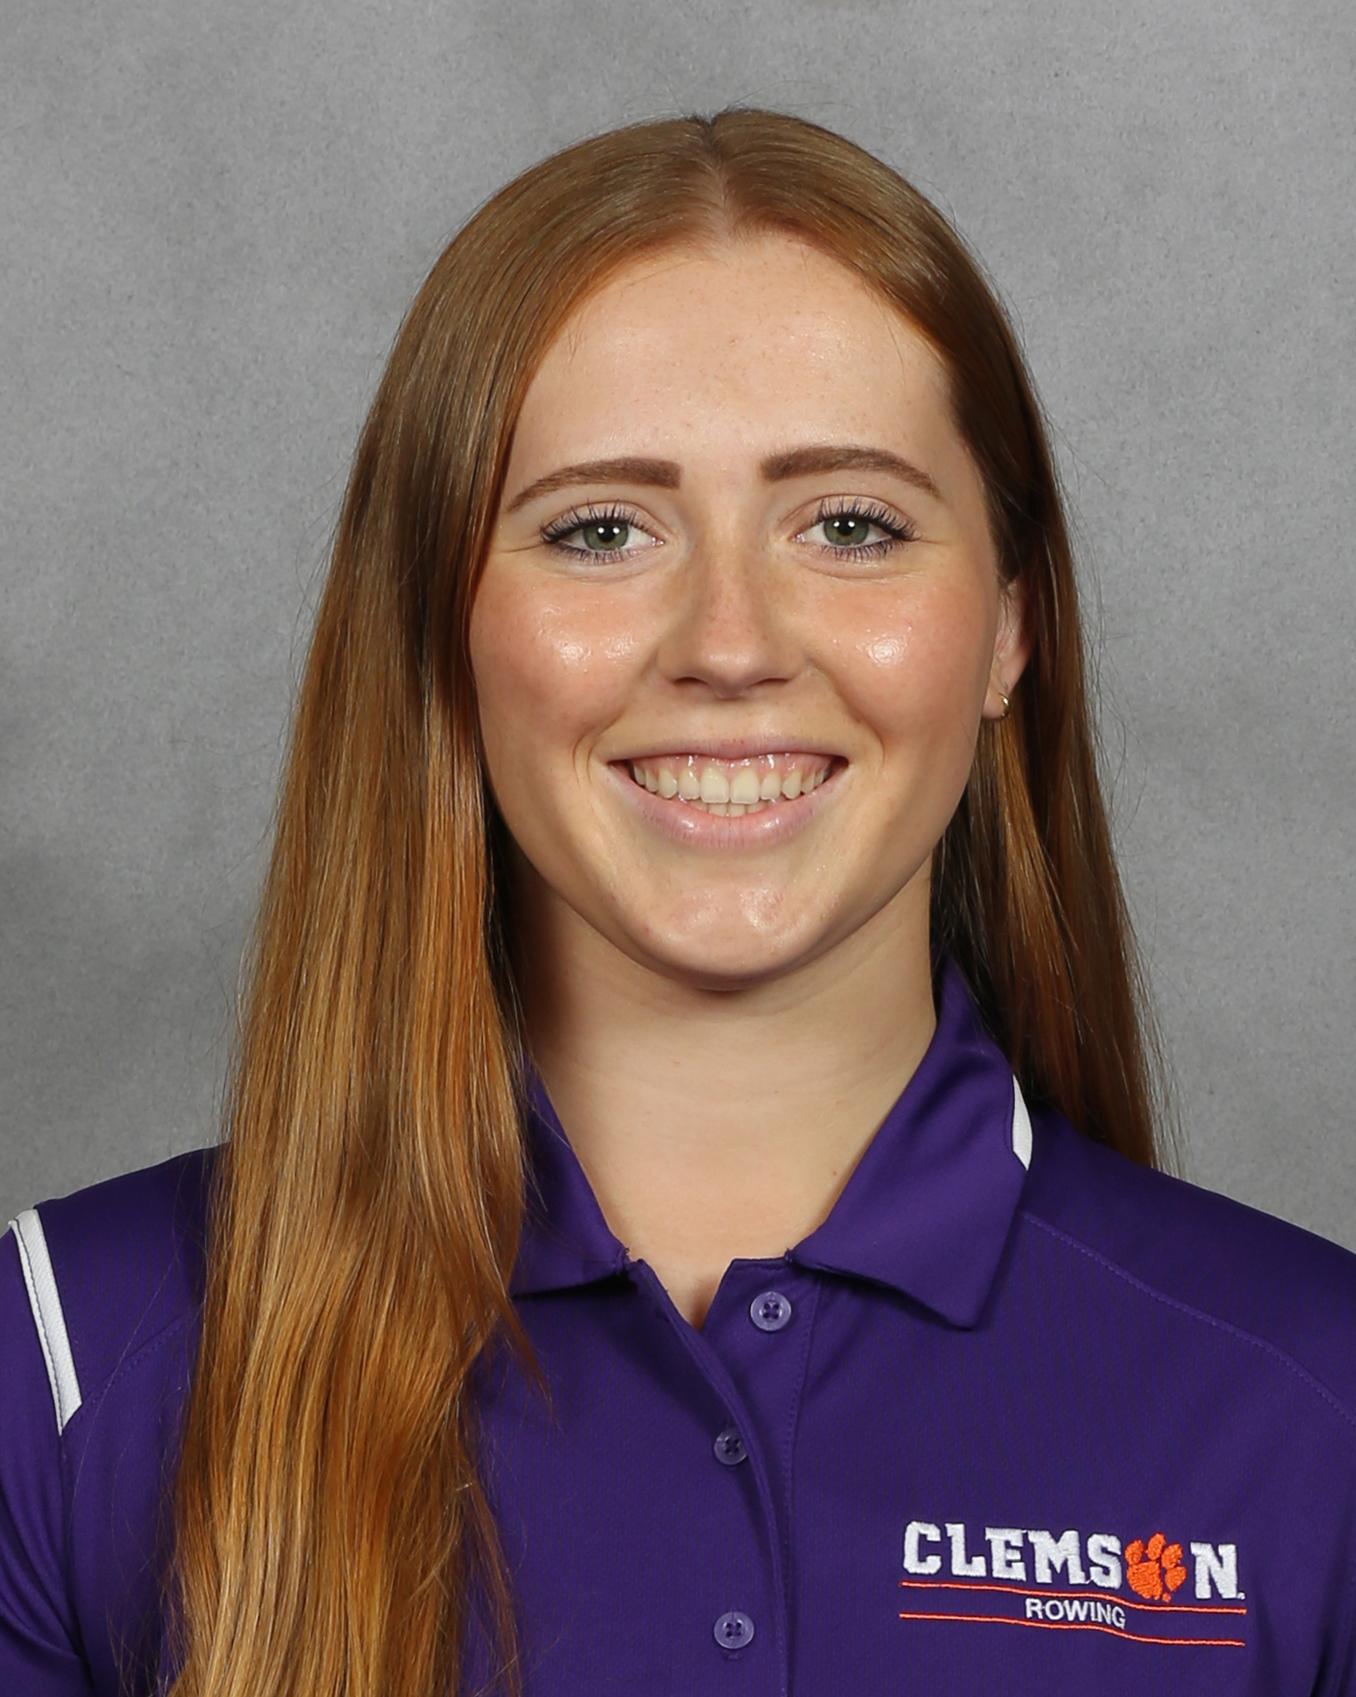 Caroline Leber - Rowing - Clemson University Athletics